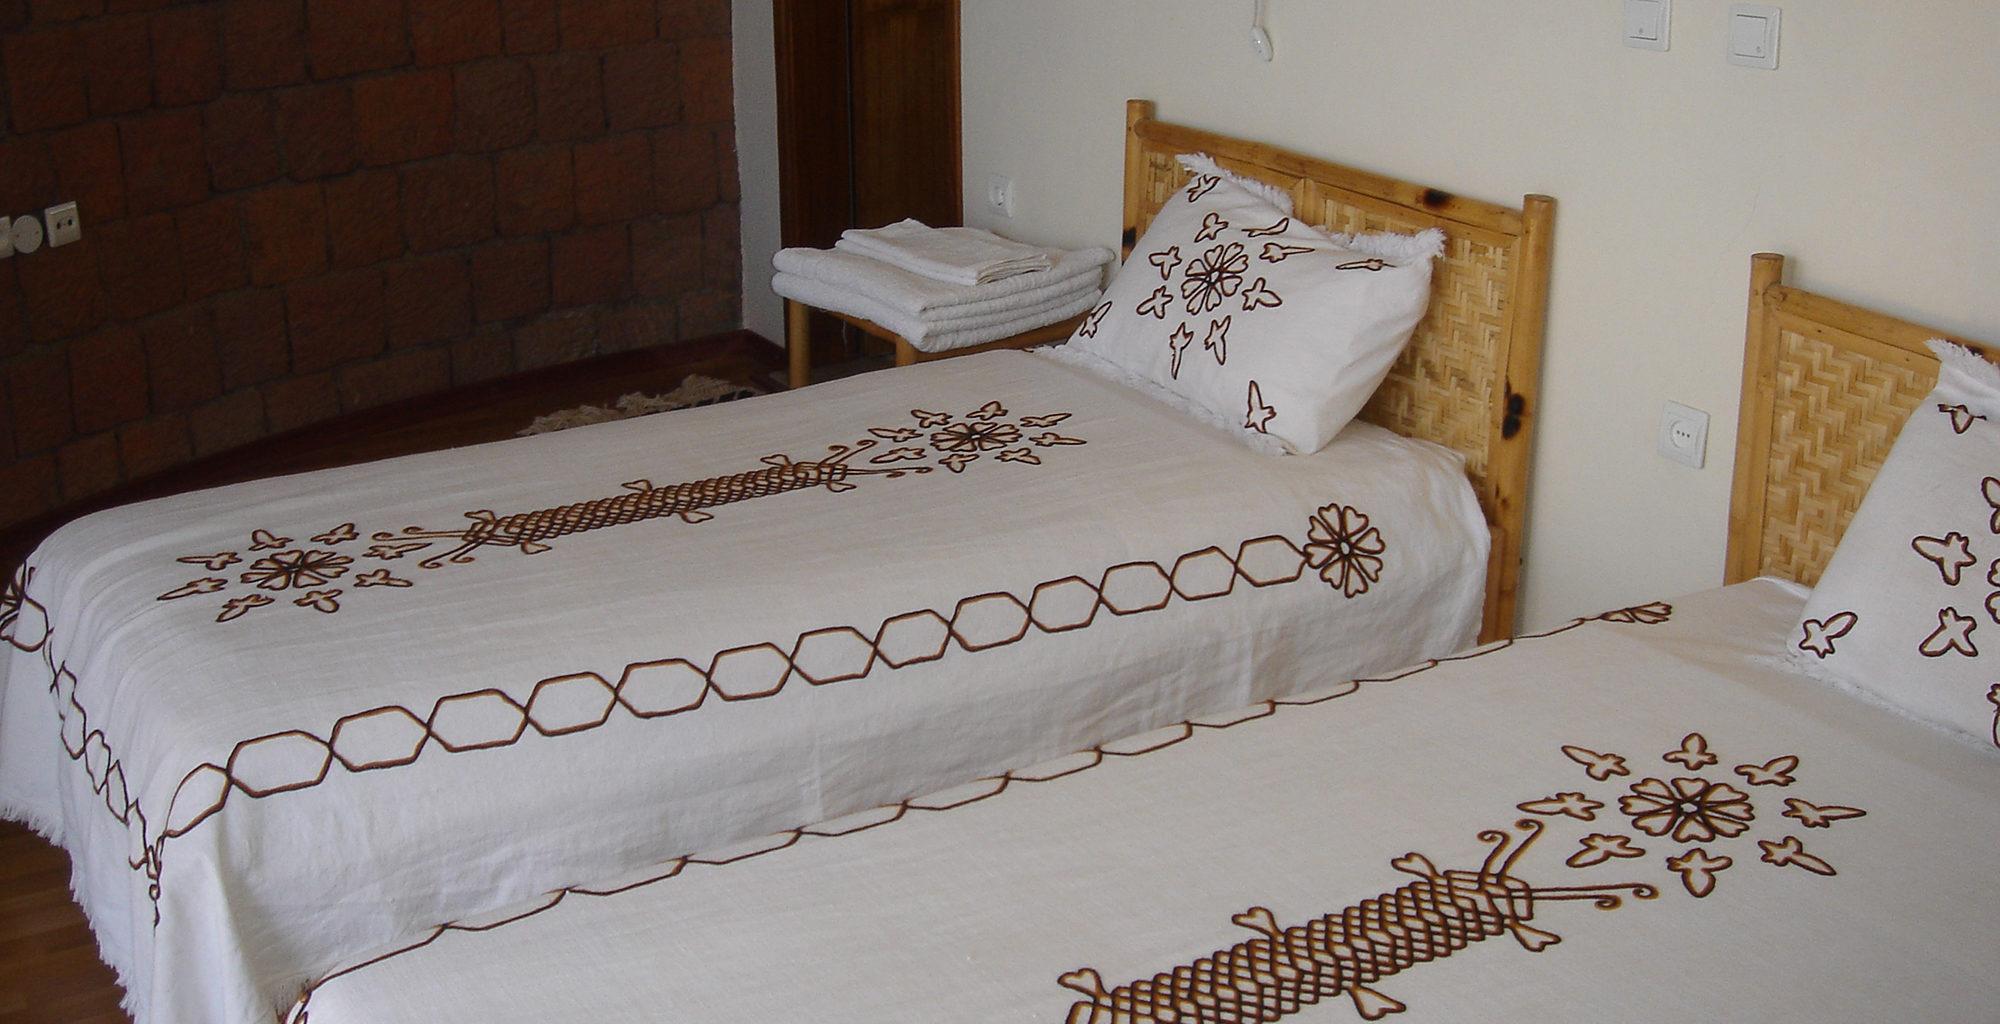 Ethiopia-Tukul-Village-Bedroom